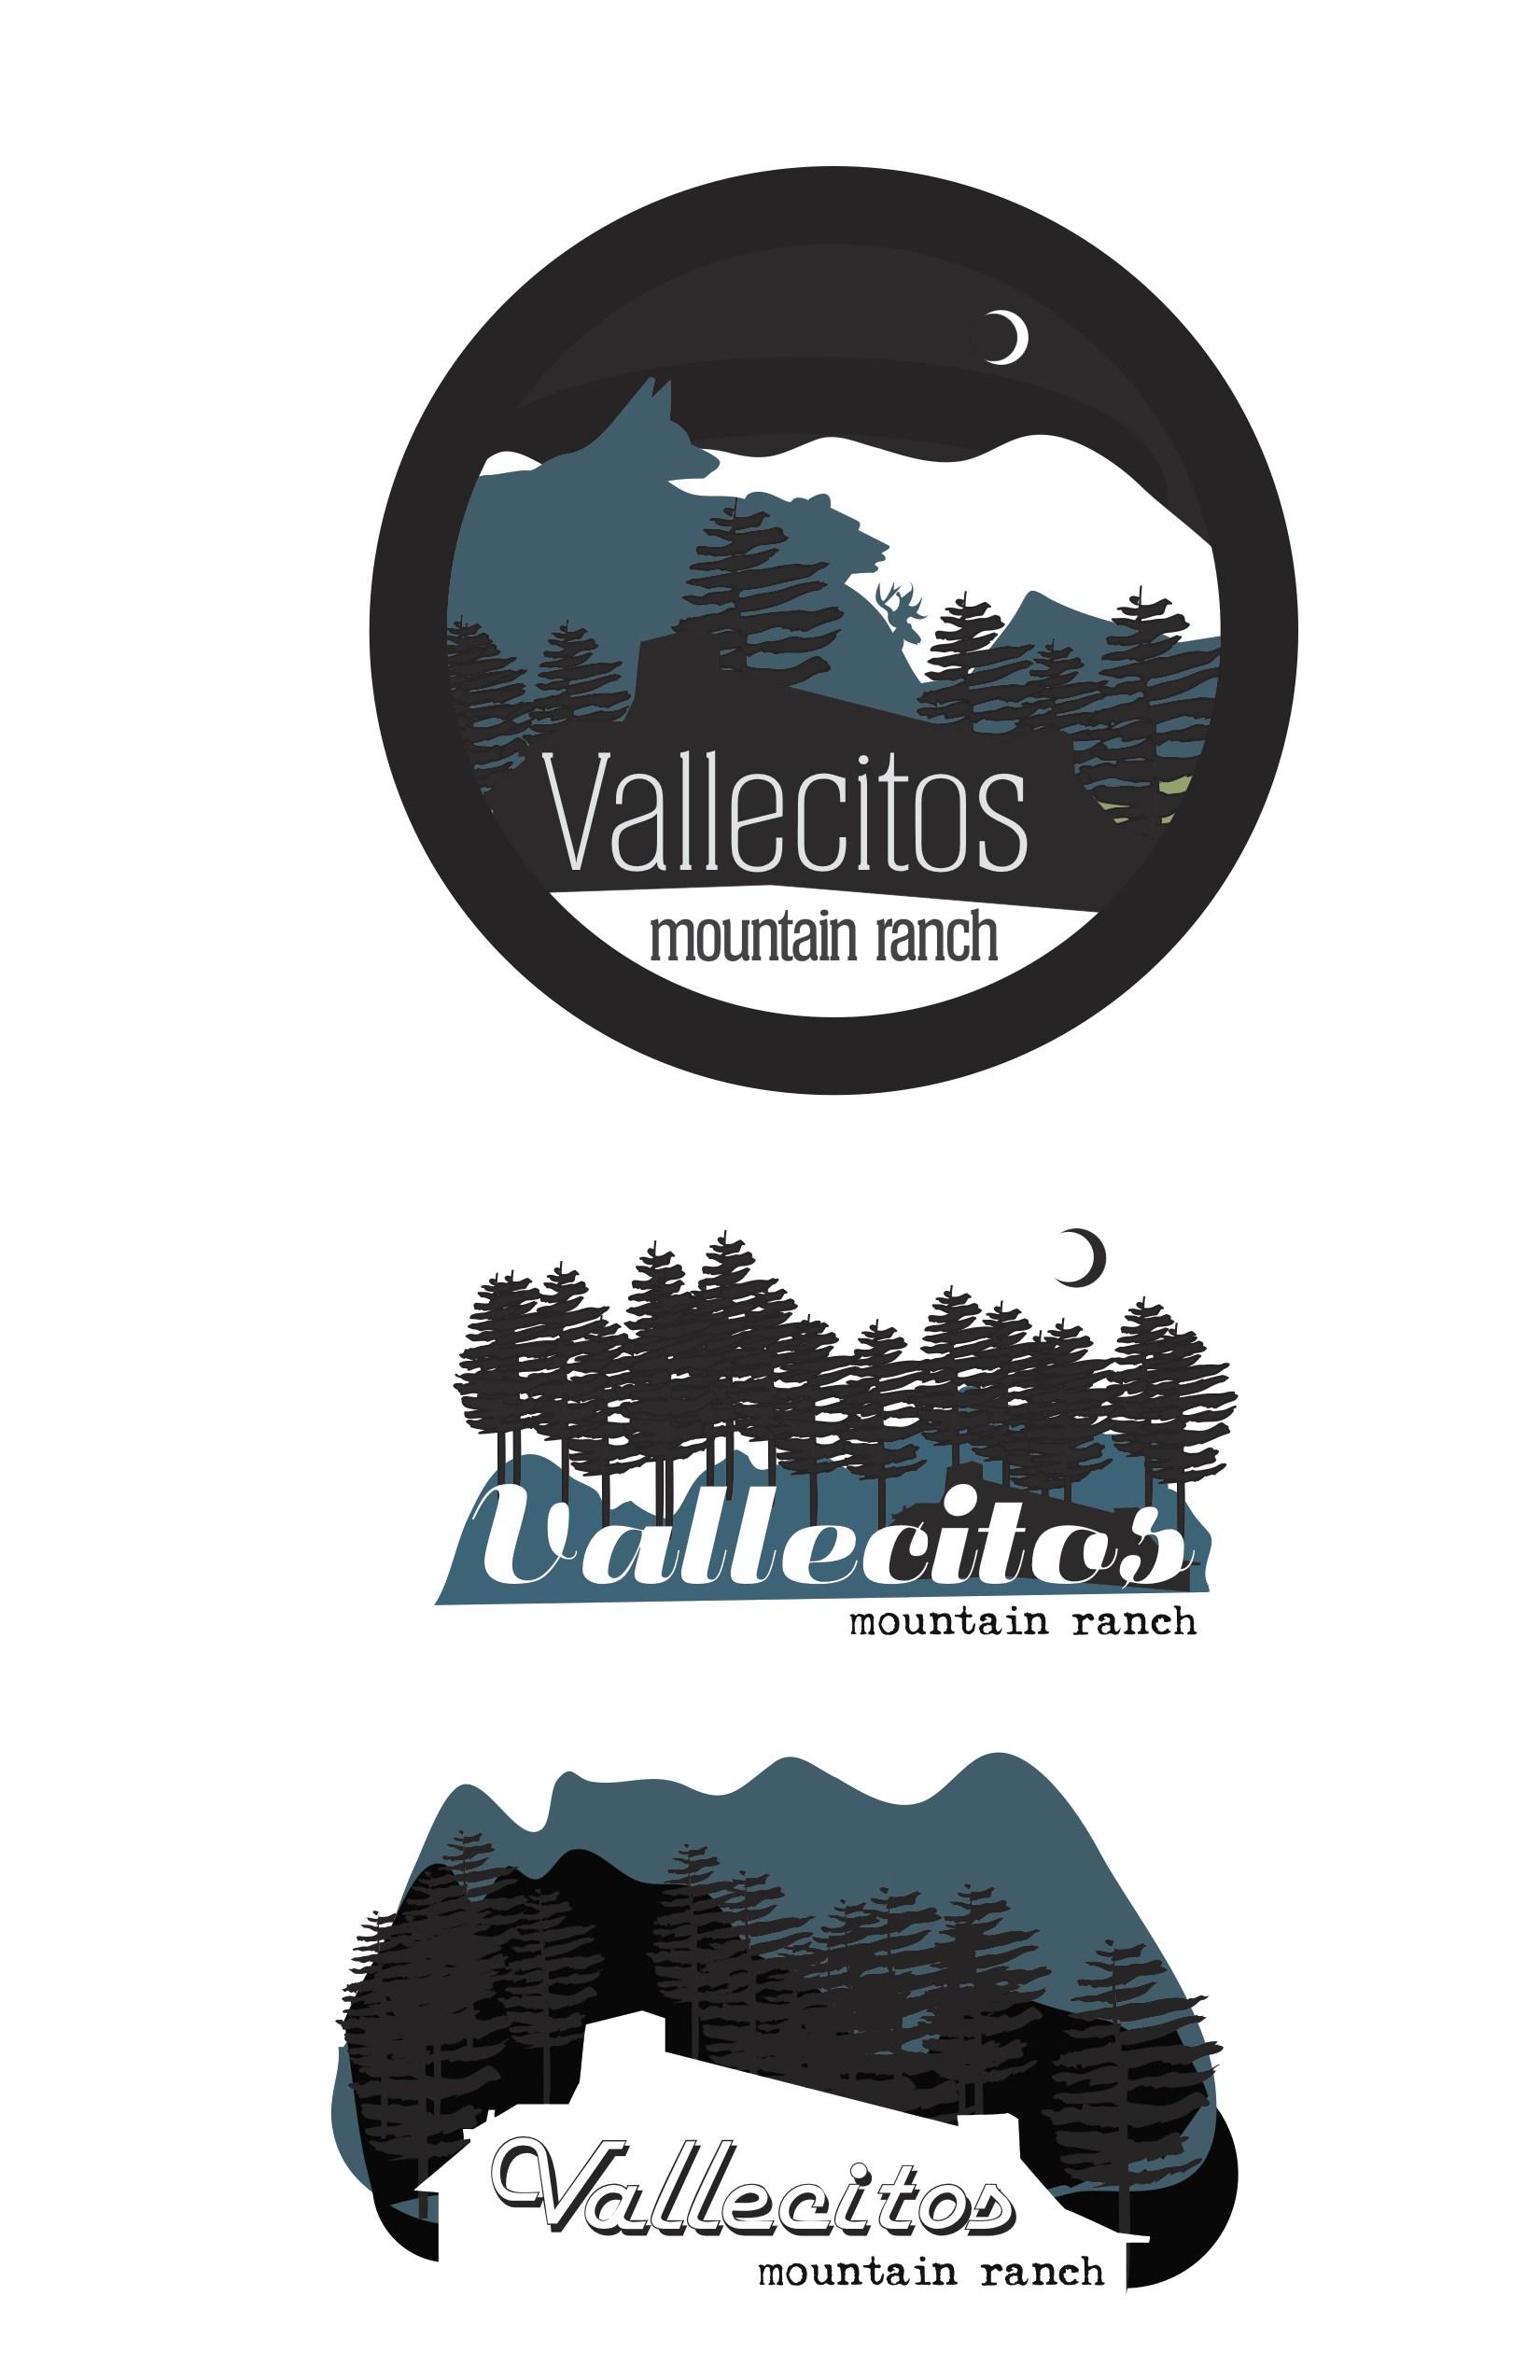 vellacitos Logo Experimentation